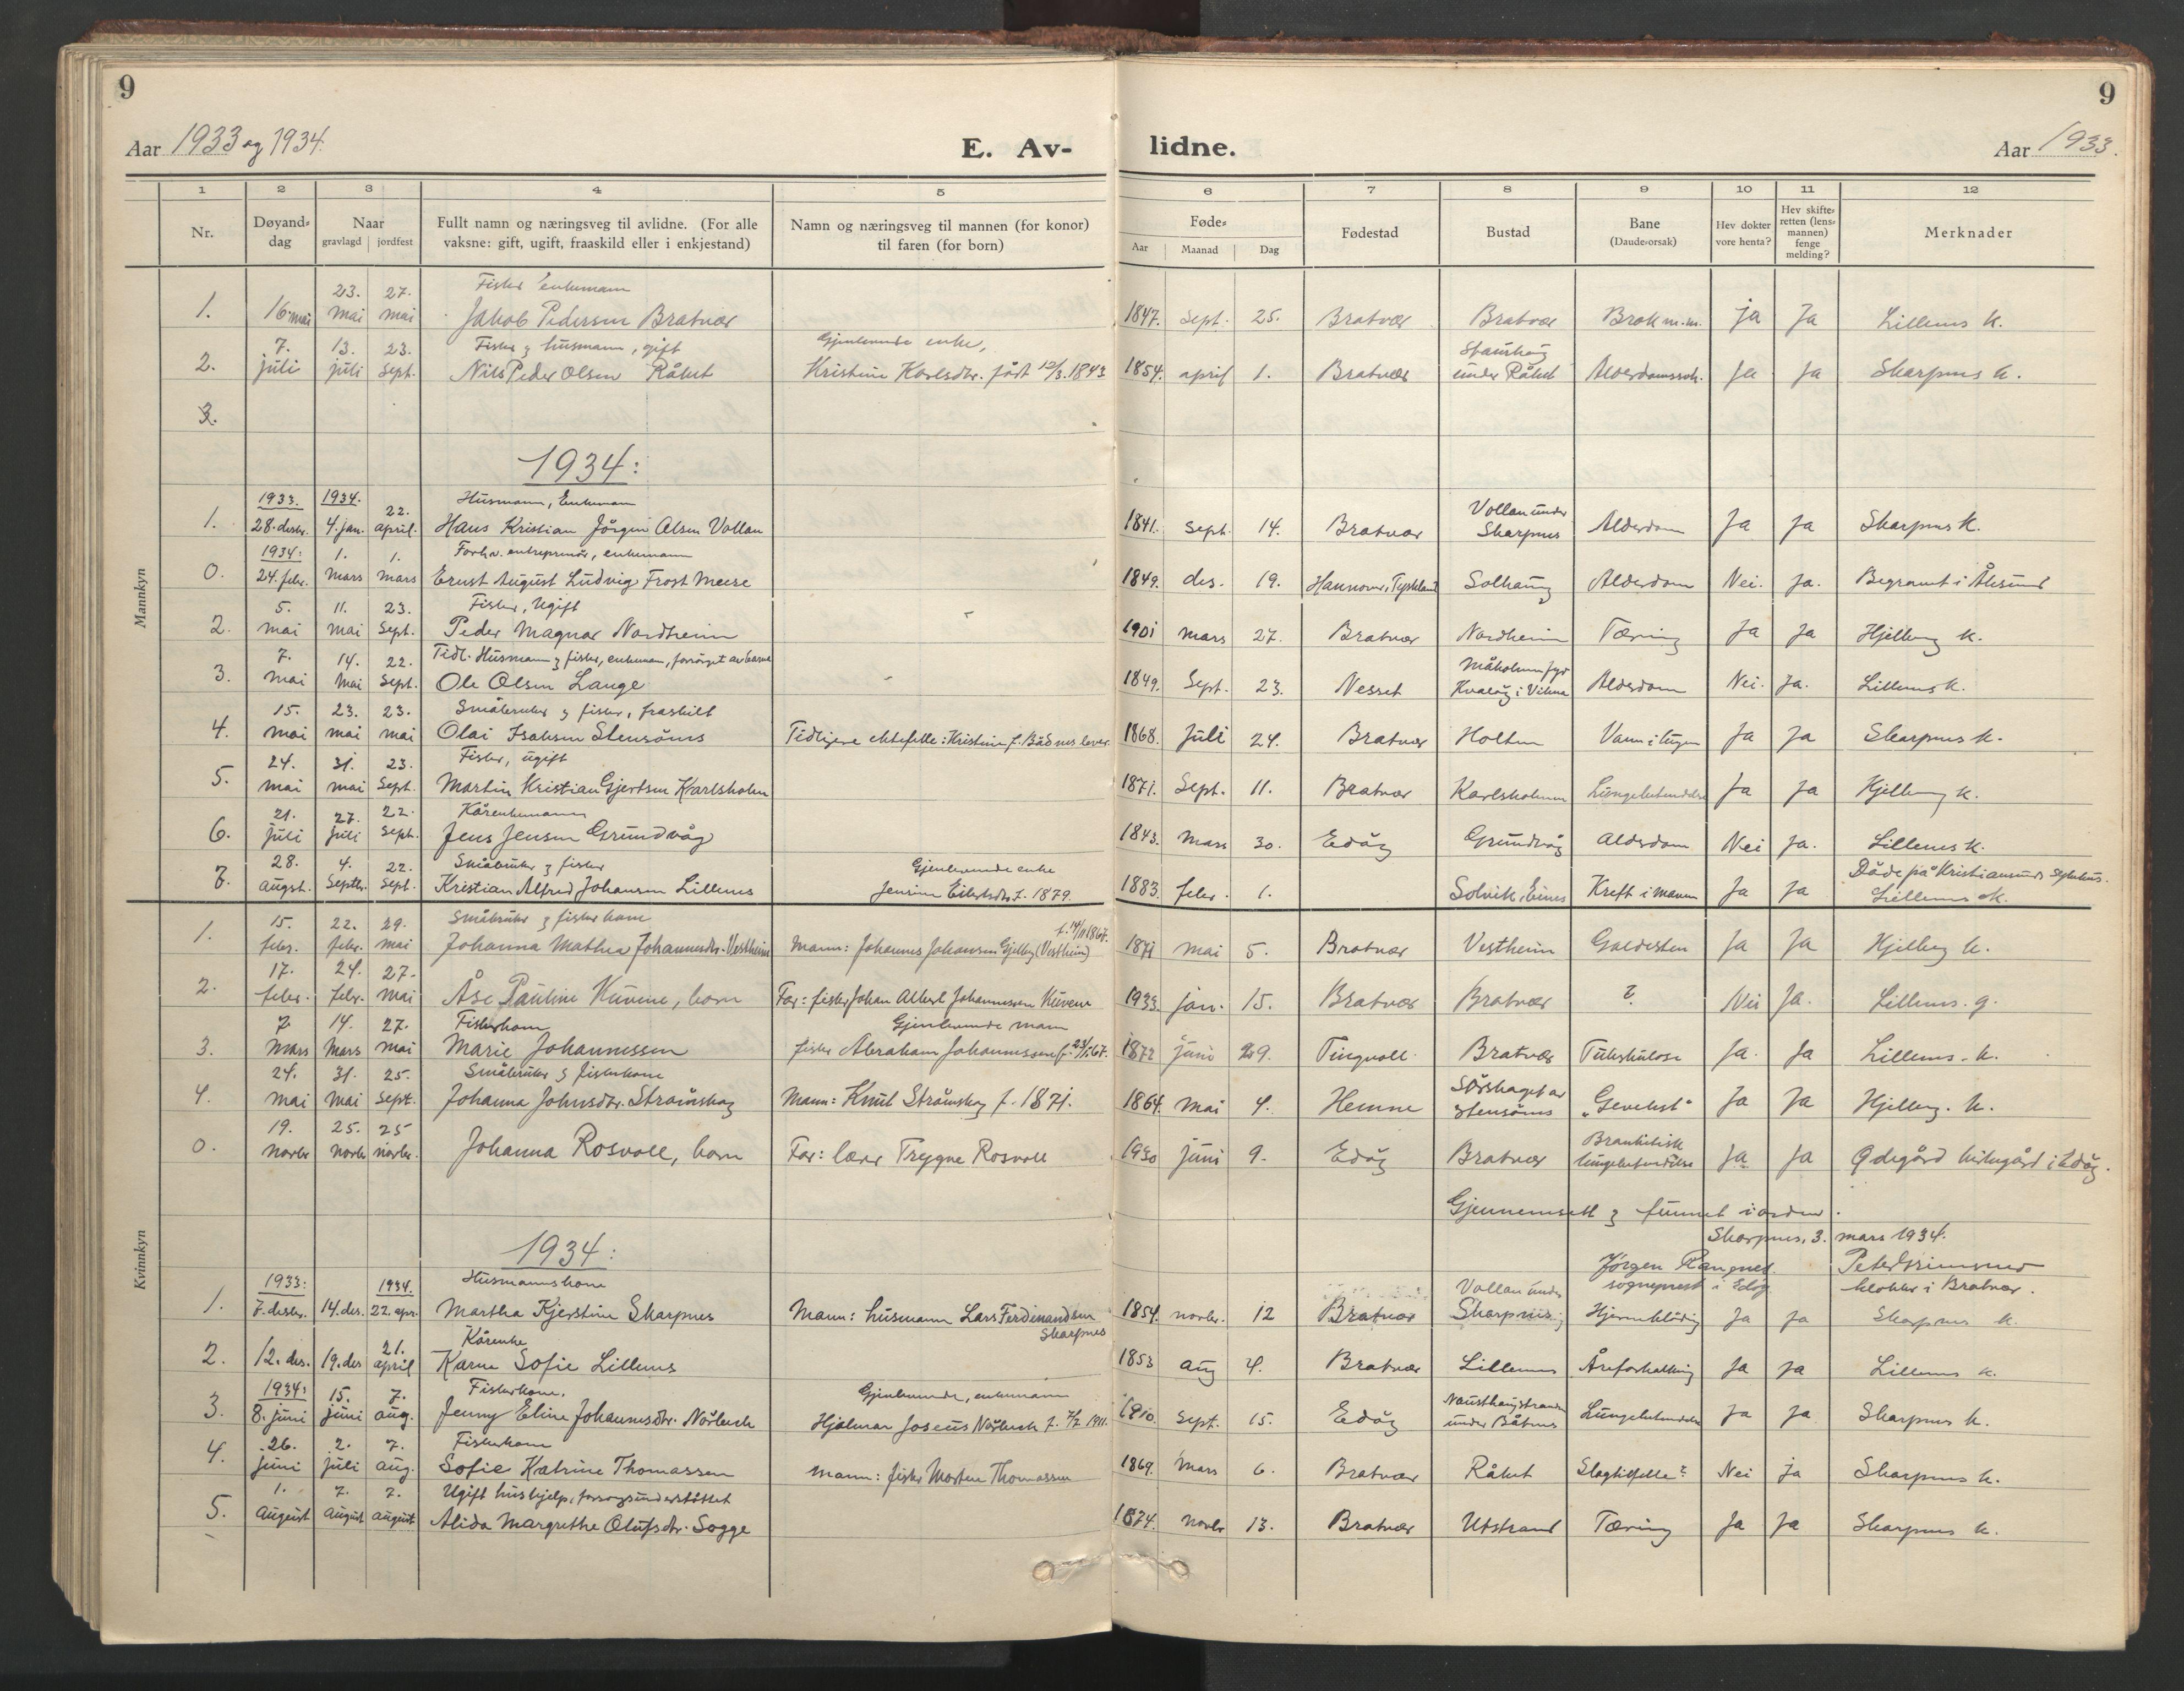 SAT, Ministerialprotokoller, klokkerbøker og fødselsregistre - Møre og Romsdal, 582/L0950: Klokkerbok nr. 582C02, 1926-1950, s. 9